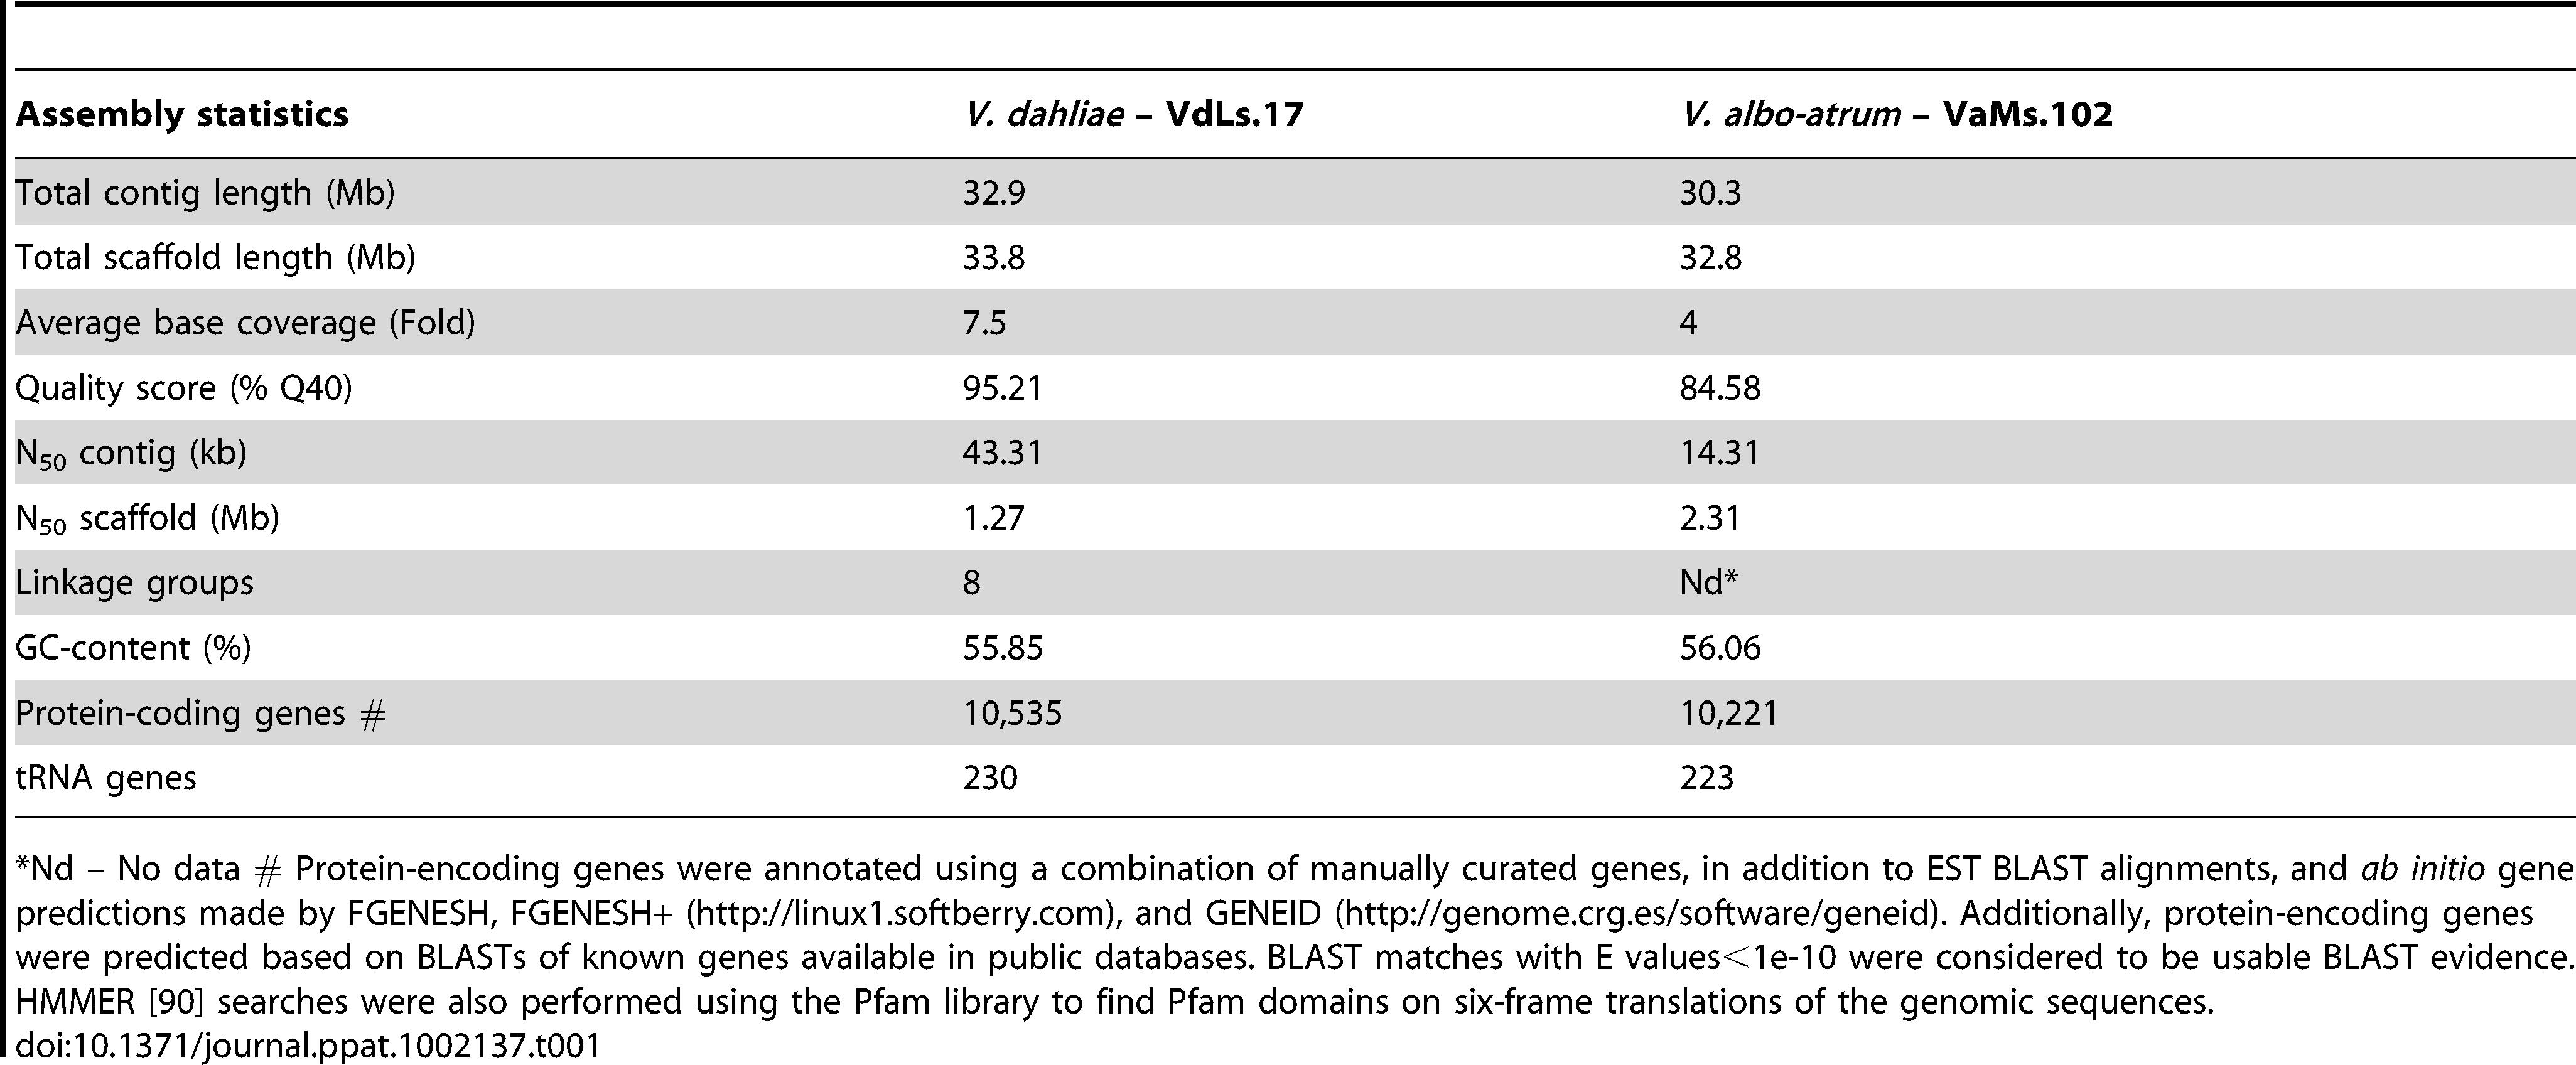 Comparison of genome statistics between <i>V. dahliae</i> and <i>V. albo-atrum</i>.